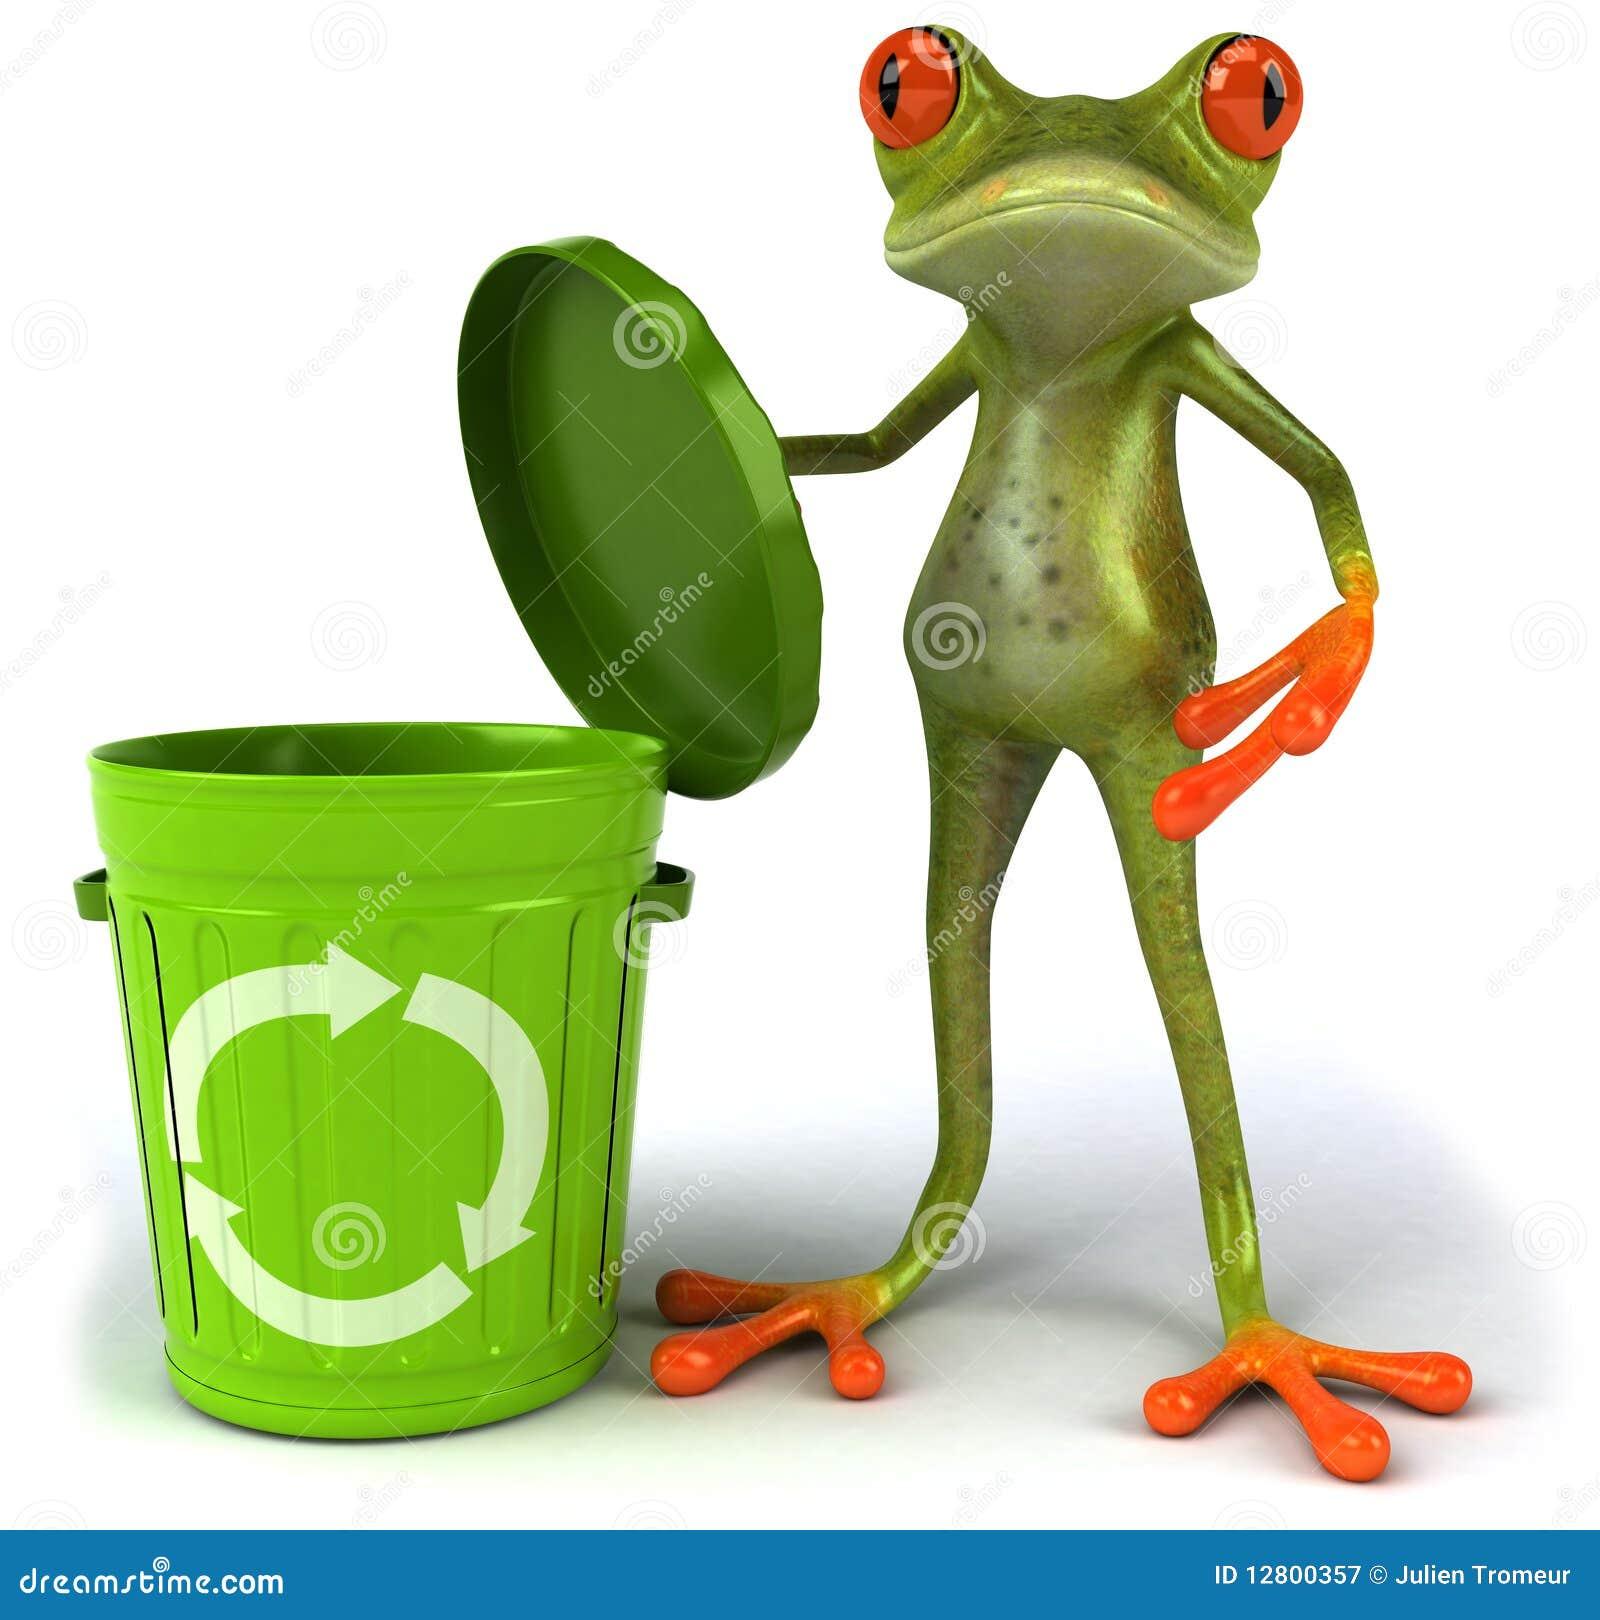 grenouille avec une poubelle photographie stock libre de